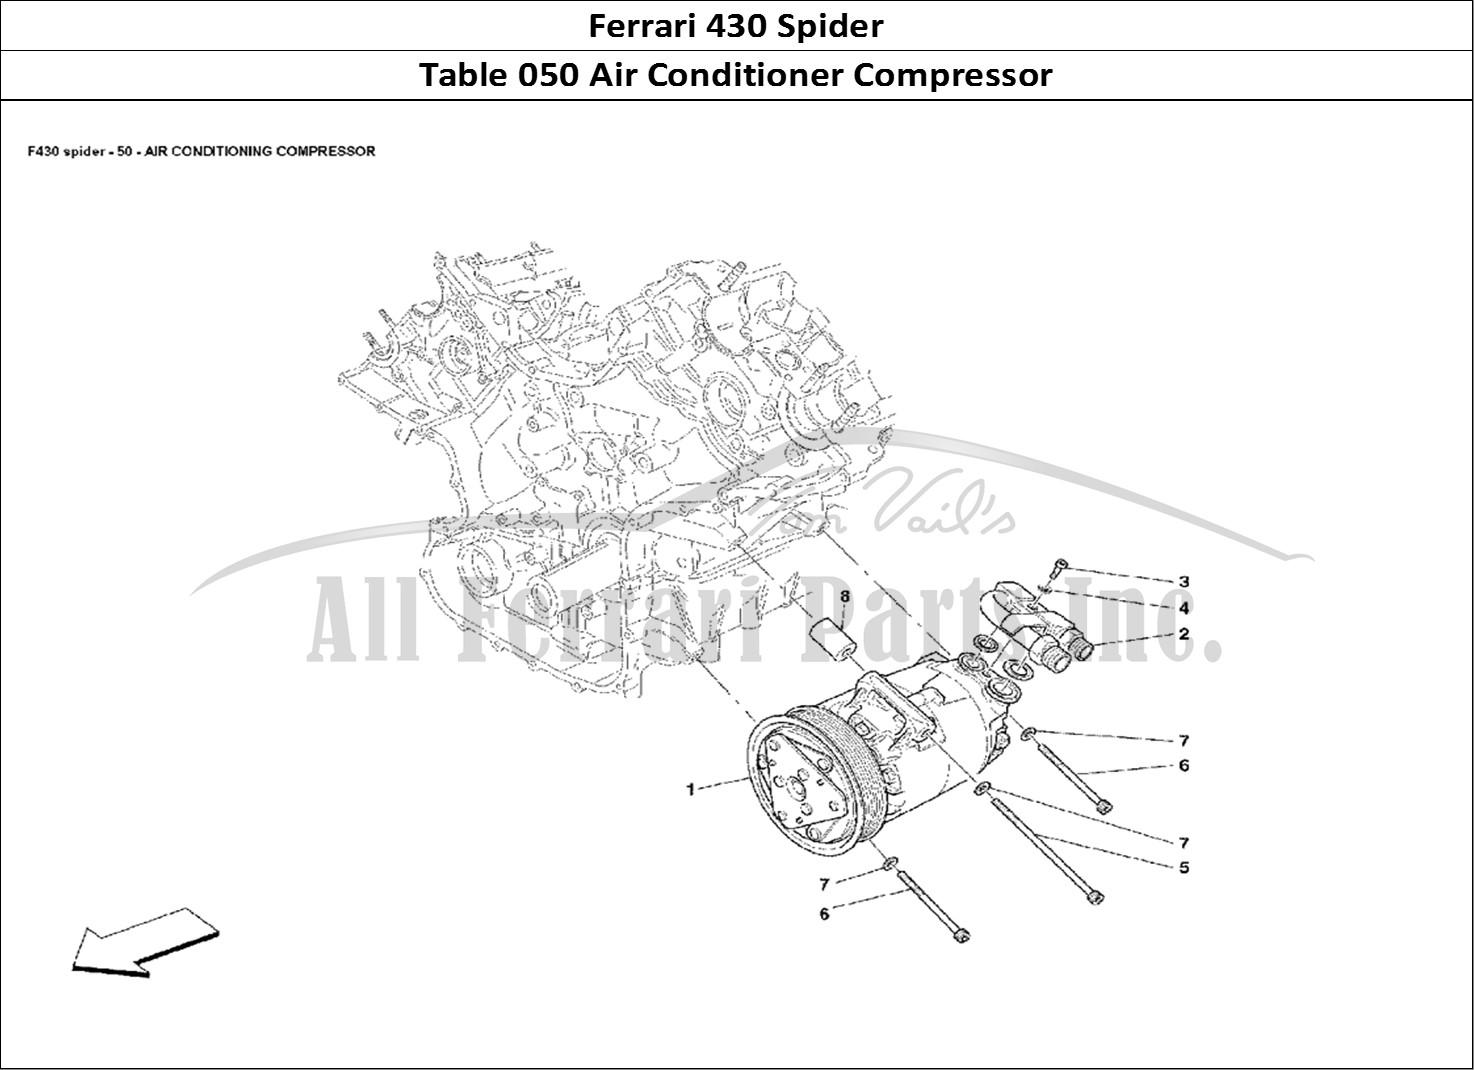 Buy original Ferrari 430 Spider 050 Air Conditioner